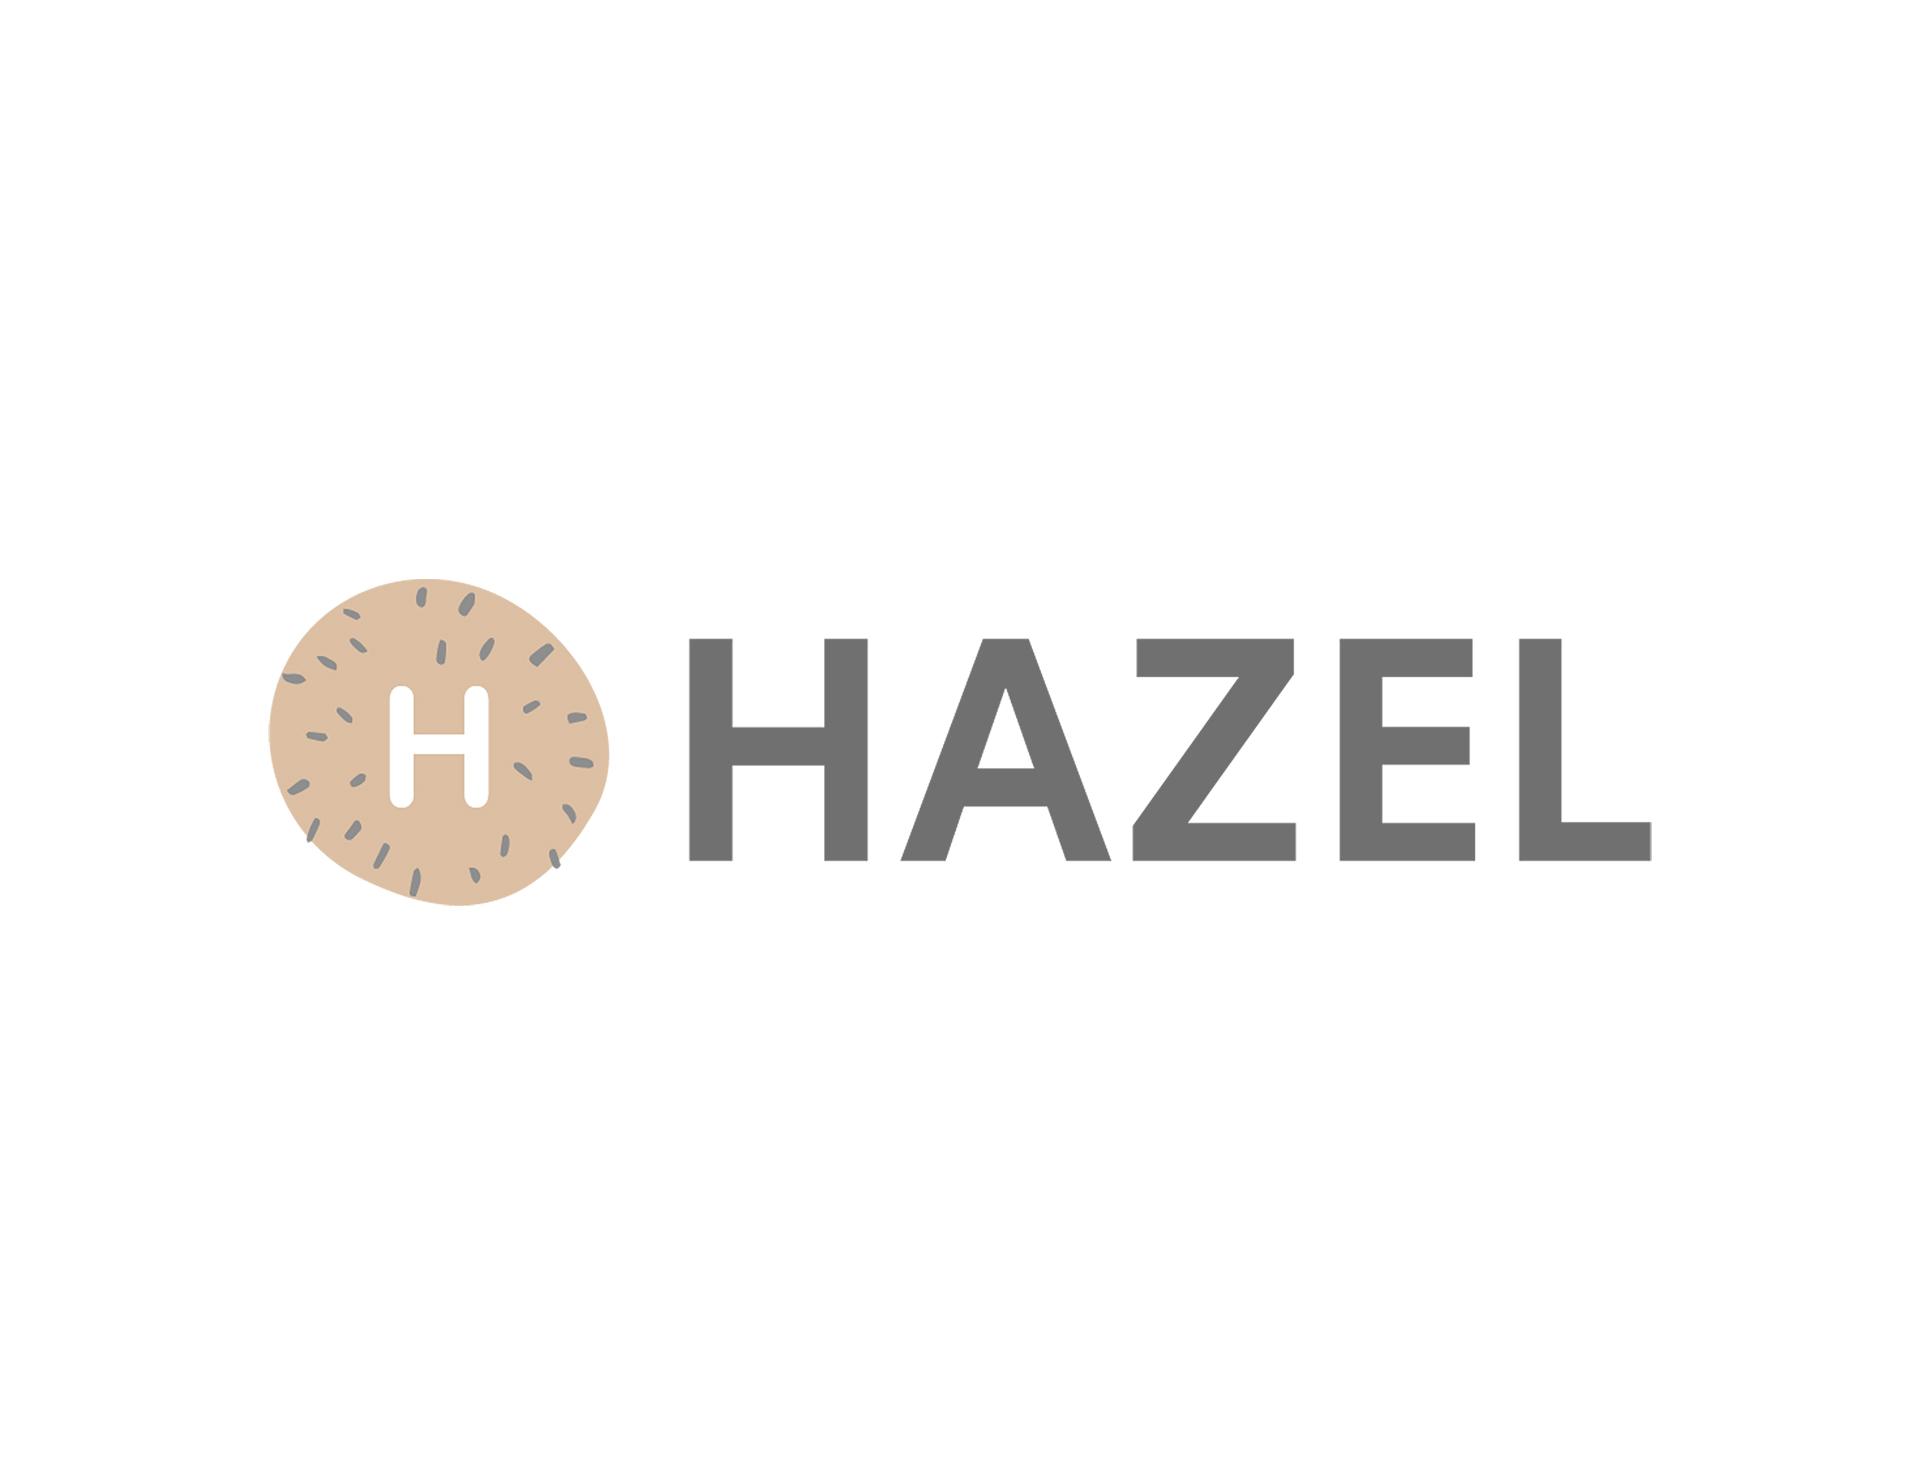 hazel logo.jpg